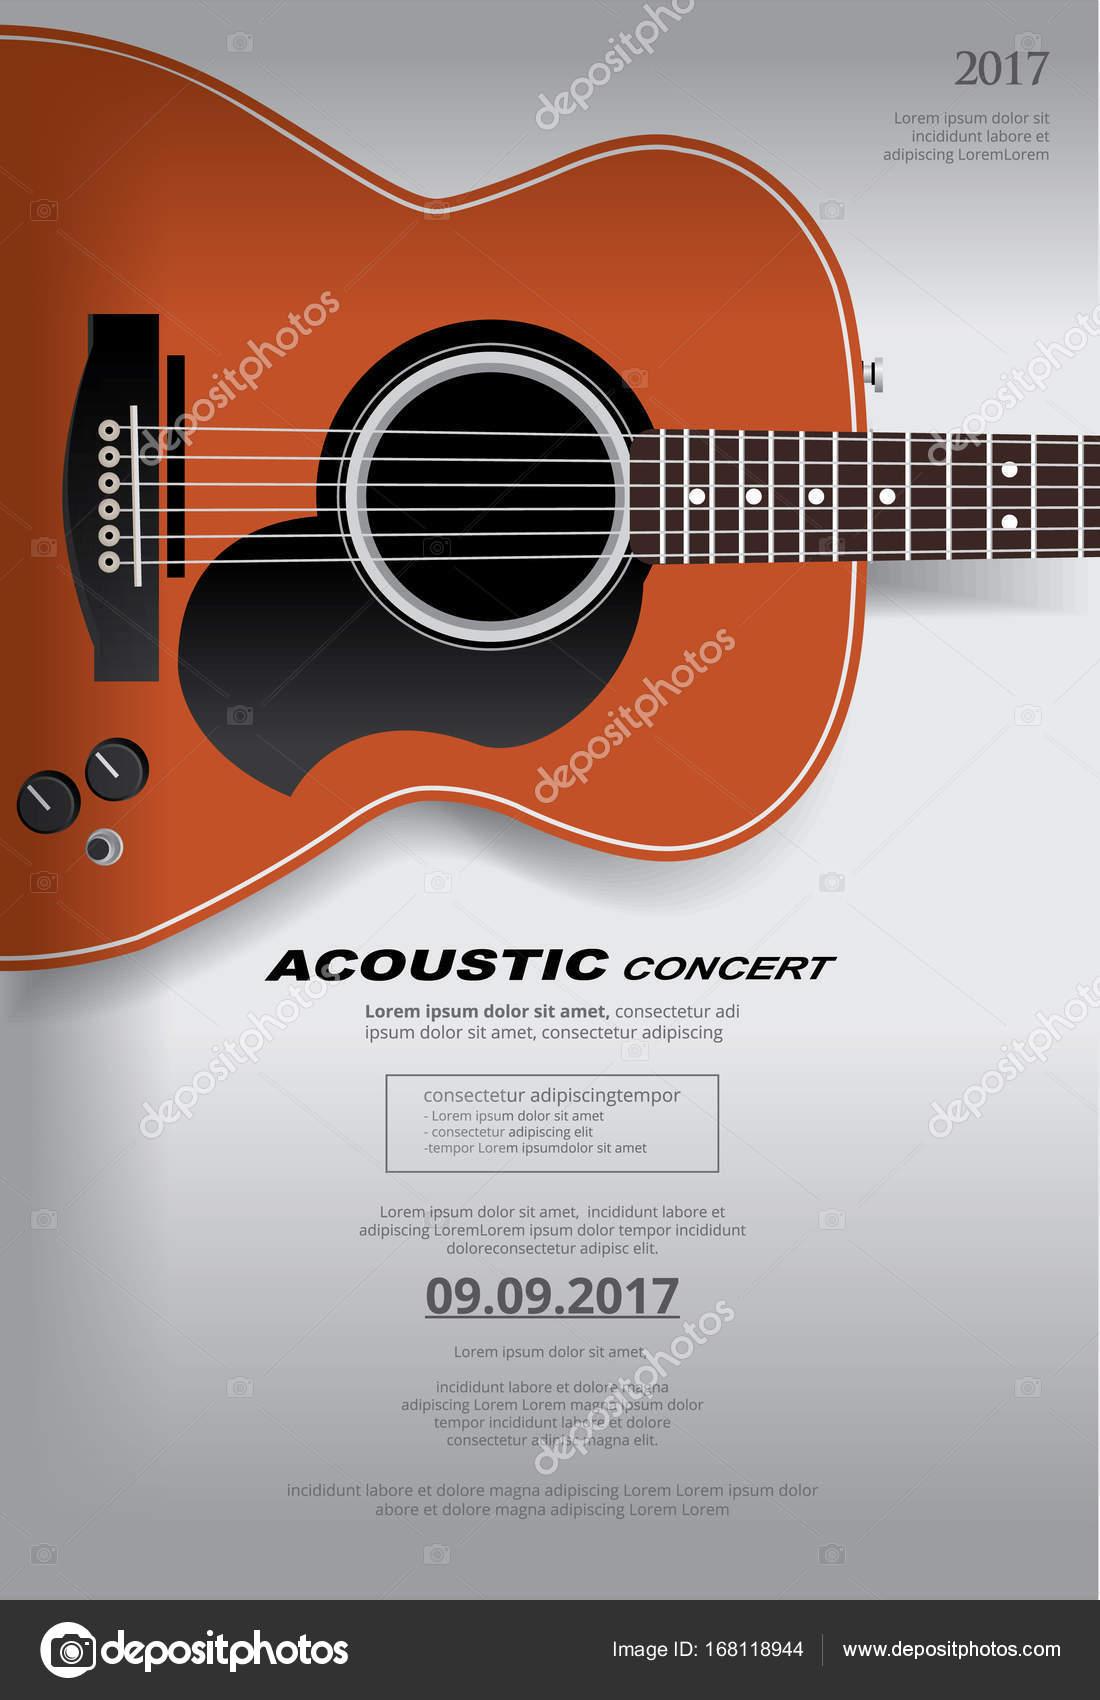 Guitarra acustica concierto cartel fondo plantilla — Archivo ...